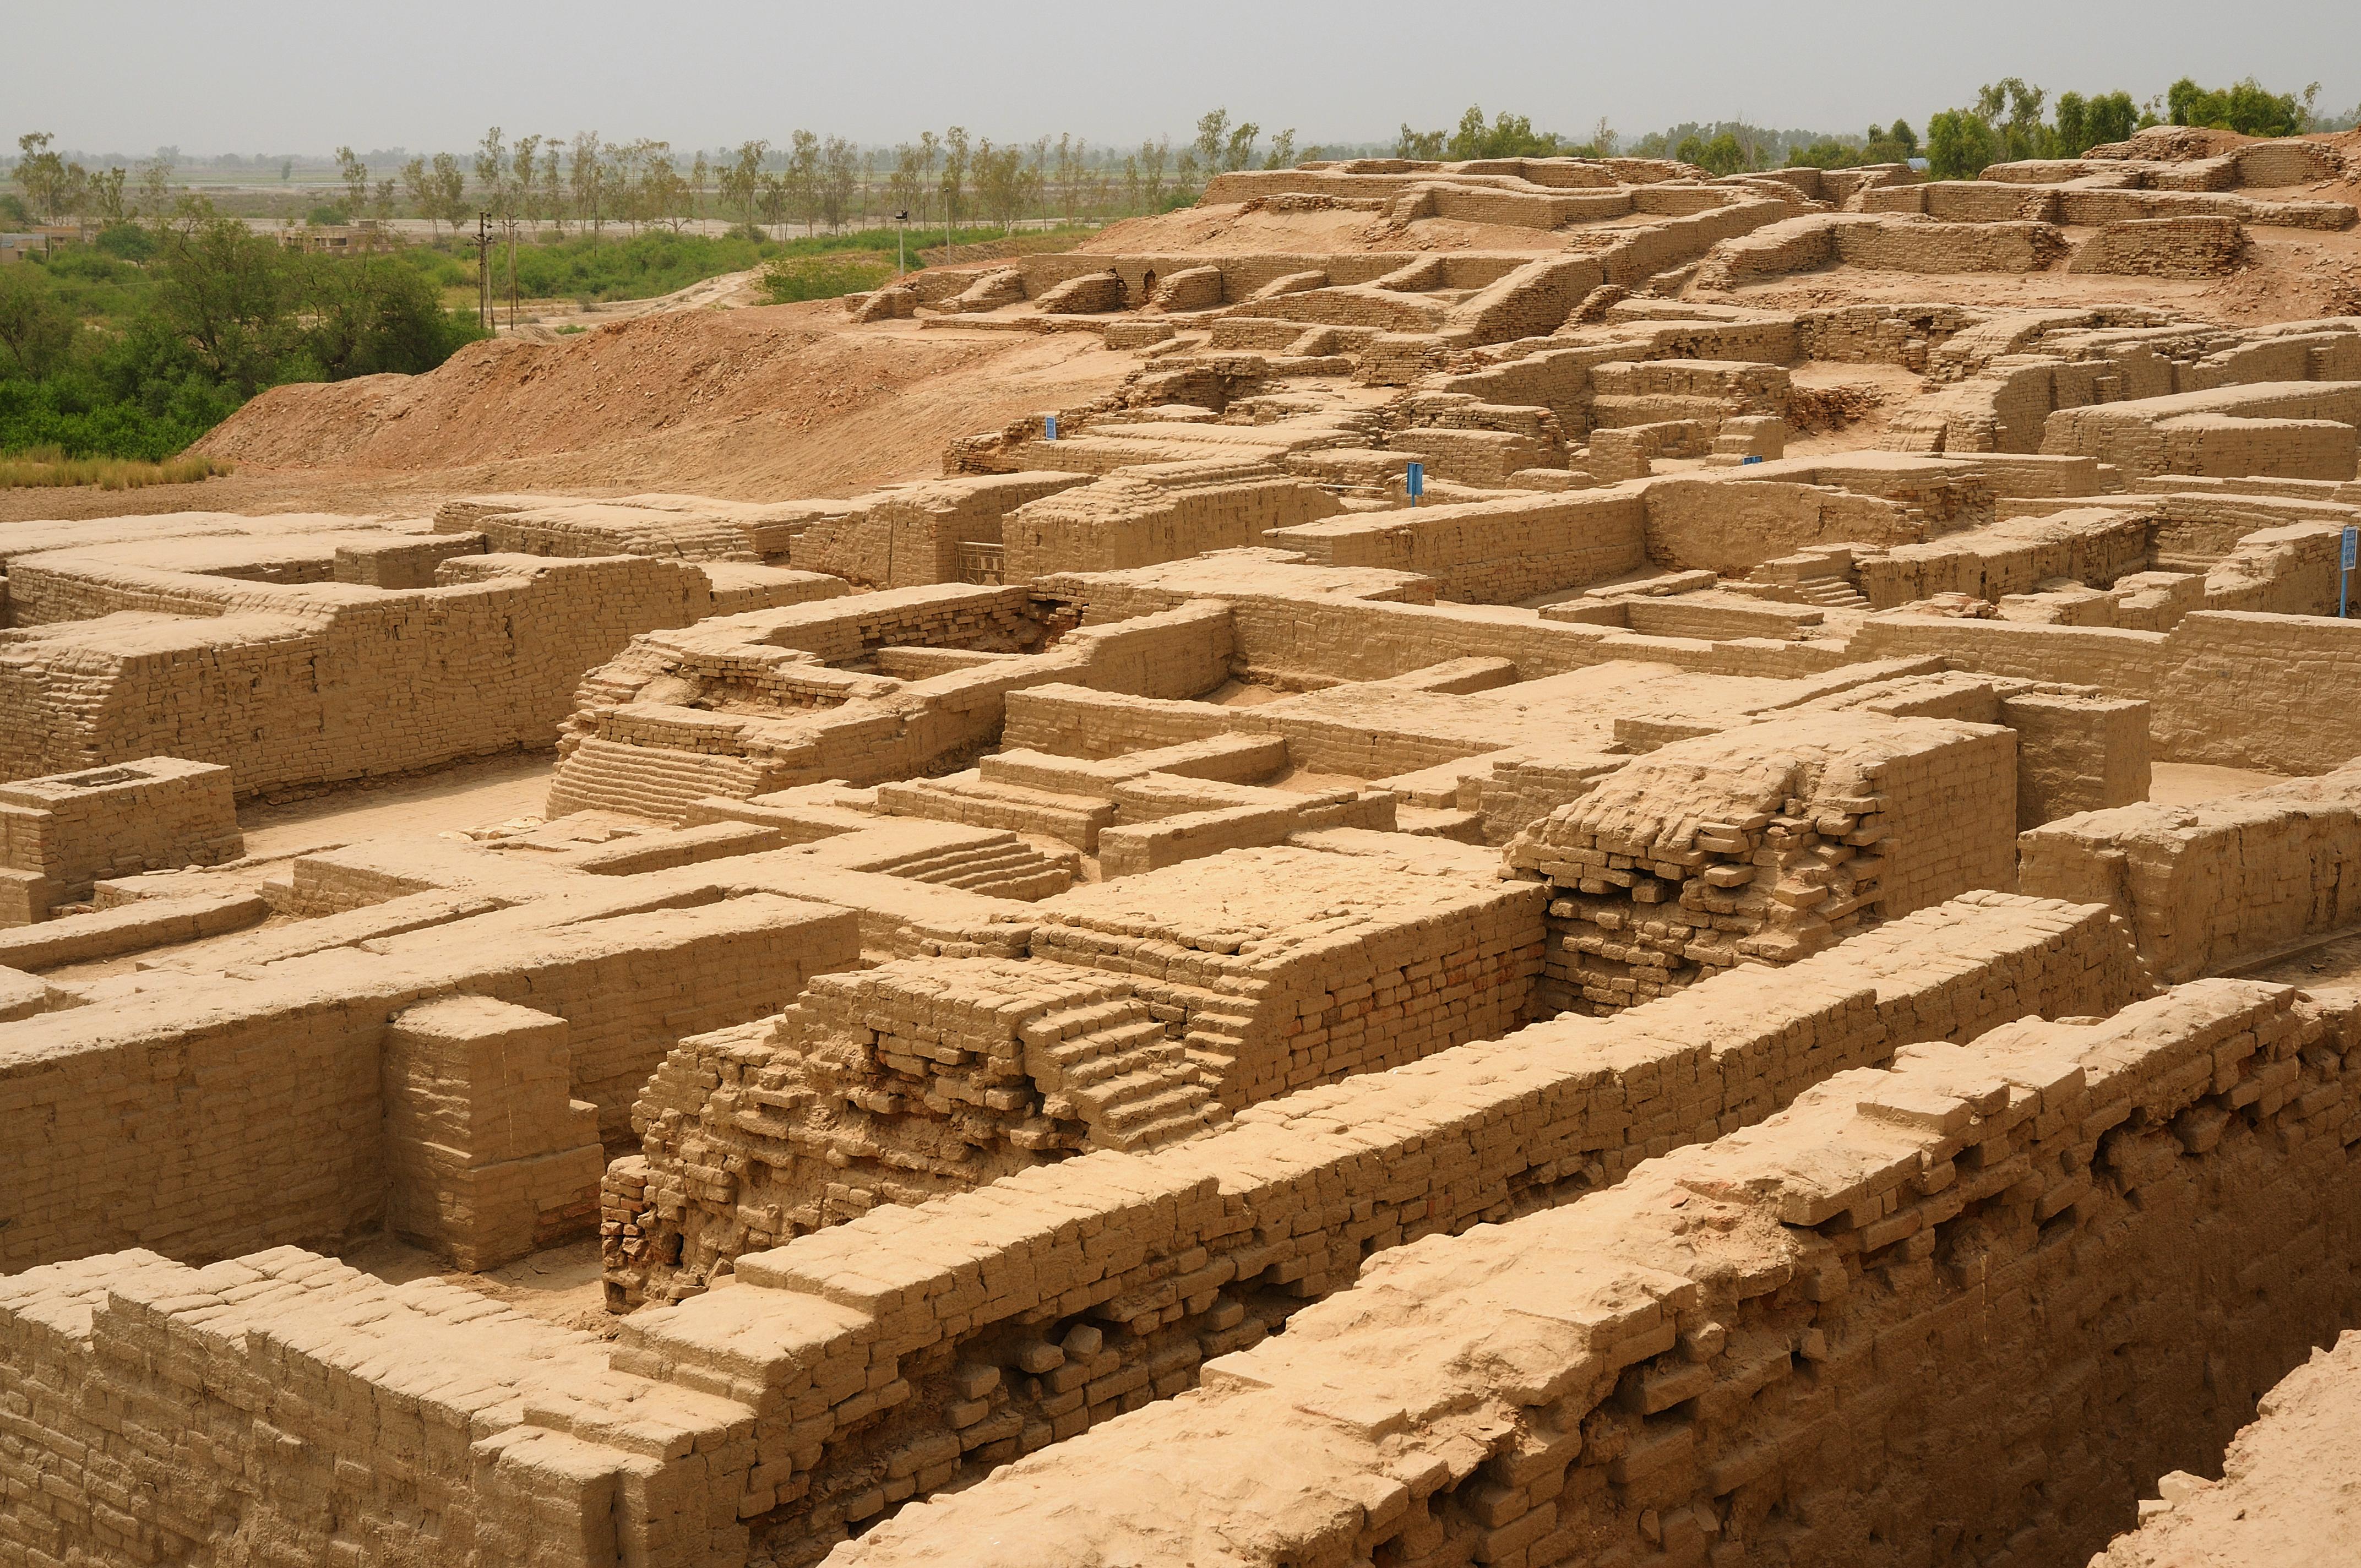 """Las primeras civilizaciones en el subcontinente indio comenzaron a desarrollarse, también, alrededor del año 3000 antes de Cristo valle del río Indo, que corre a través de lo que hoy es Pakistán. Entre los años 2500 y 1900 antes de Cristo, un número importante de centros urbanos (la más famosa de ellas, Mohenjo-Daro) ya se había desarrollado plenamente. Estas ciudades, construidas en ladrillo, contaban con sistemas de drenaje,  y casas de varios pisos e incluso, digámoslo, así, """"edificios de apartamentos""""."""